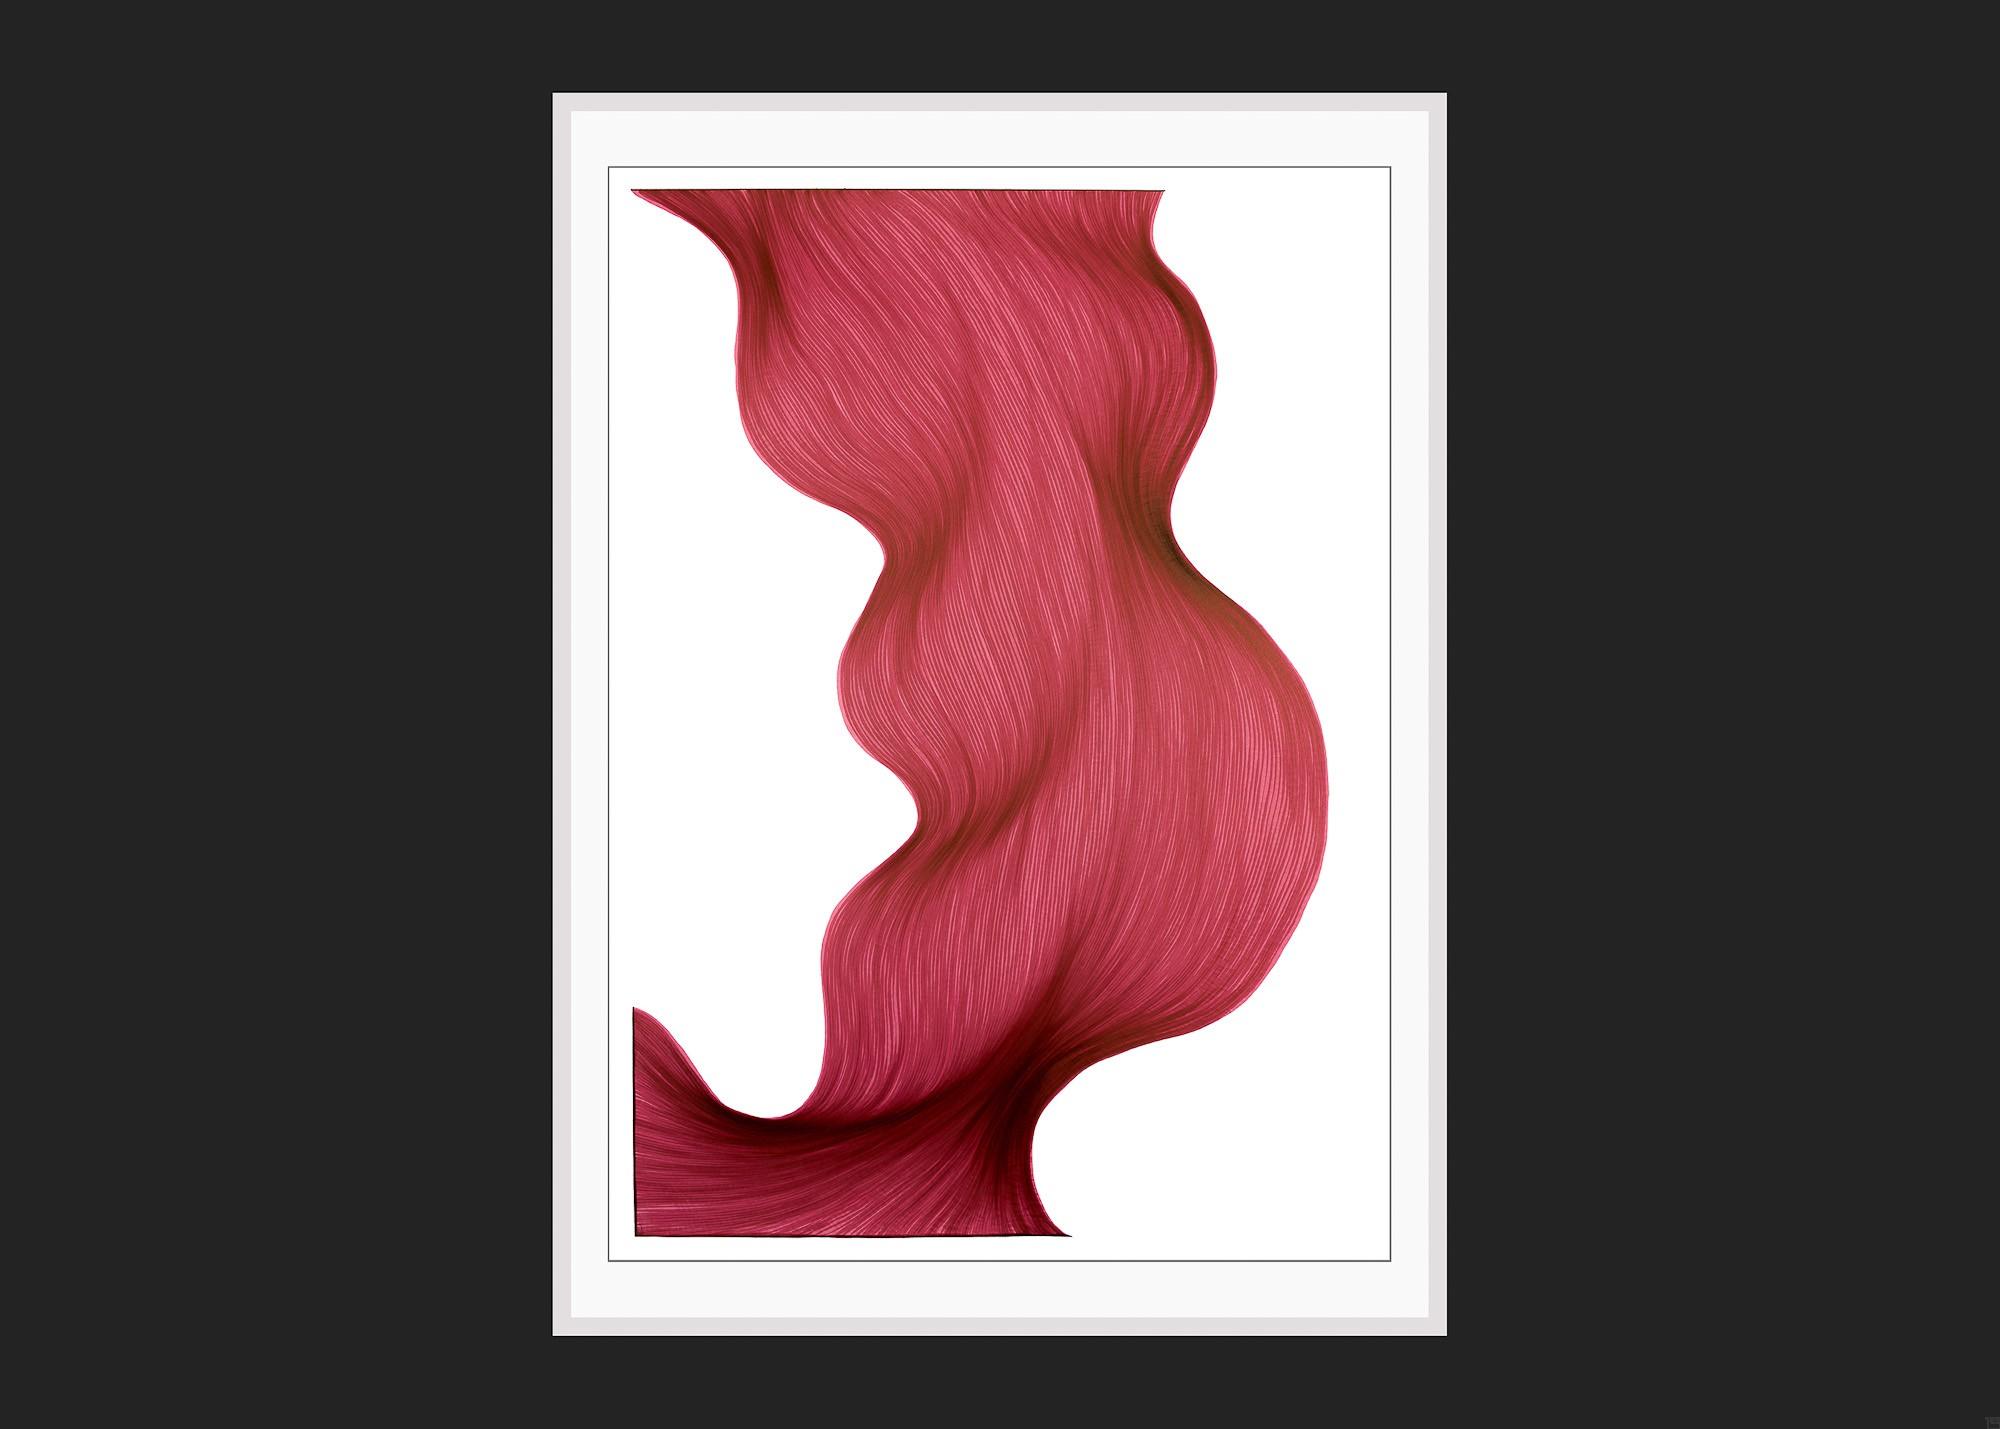 Coulis de Framboise | Lali Torma | Zeichnung | Kalligraphietusche auf Papier - 3